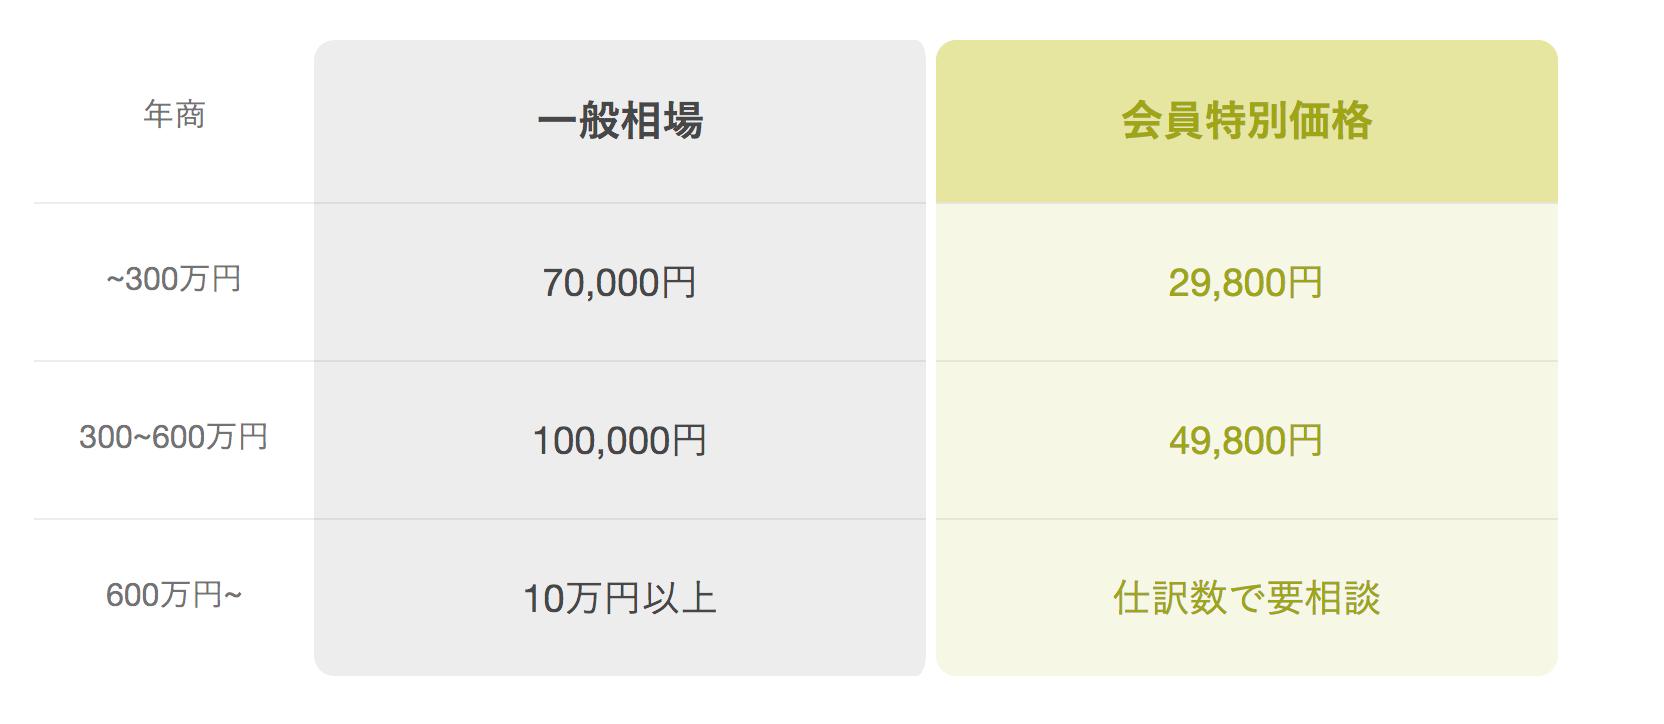 顧問税理士雇いの相場表